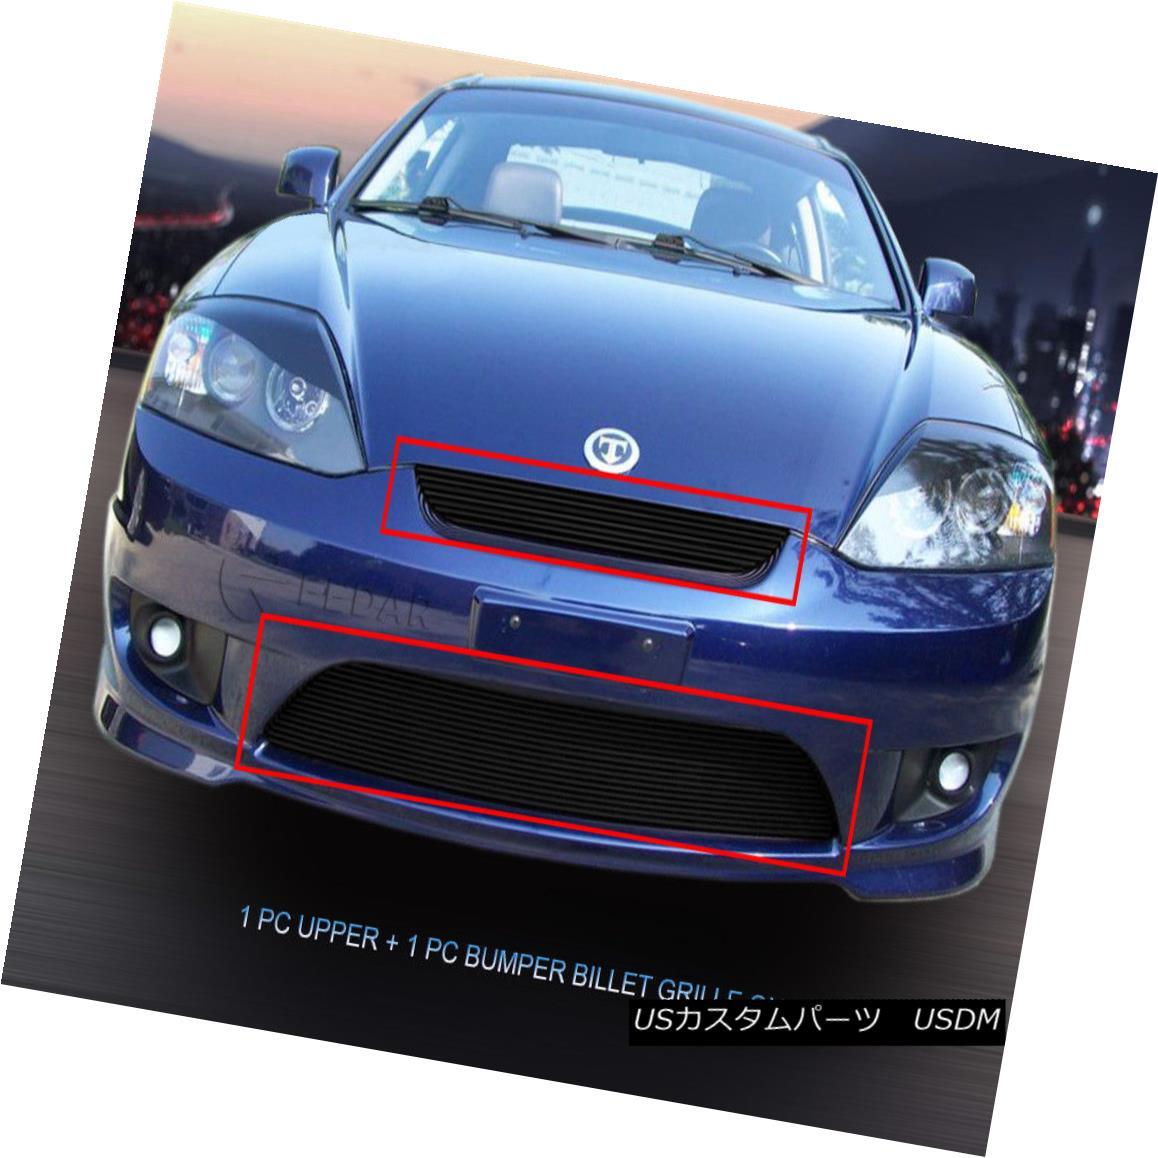 グリル For 05-06 Hyundai Tiburon Black Billet Grille Combo Grill Insert Fedar 05-06現代ティブロンブラックビレットグリルコンボグリルインサートフェルダ